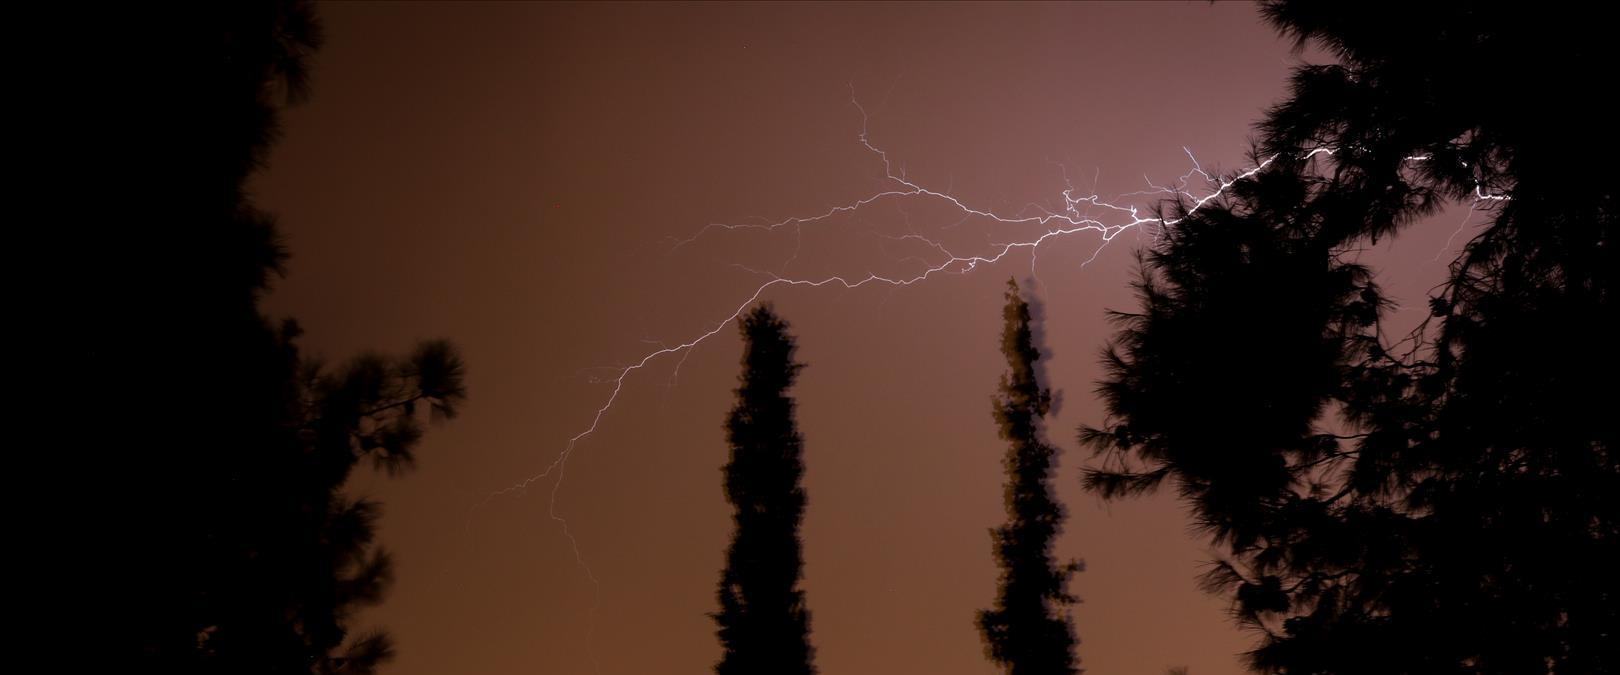 פגיעת ברק